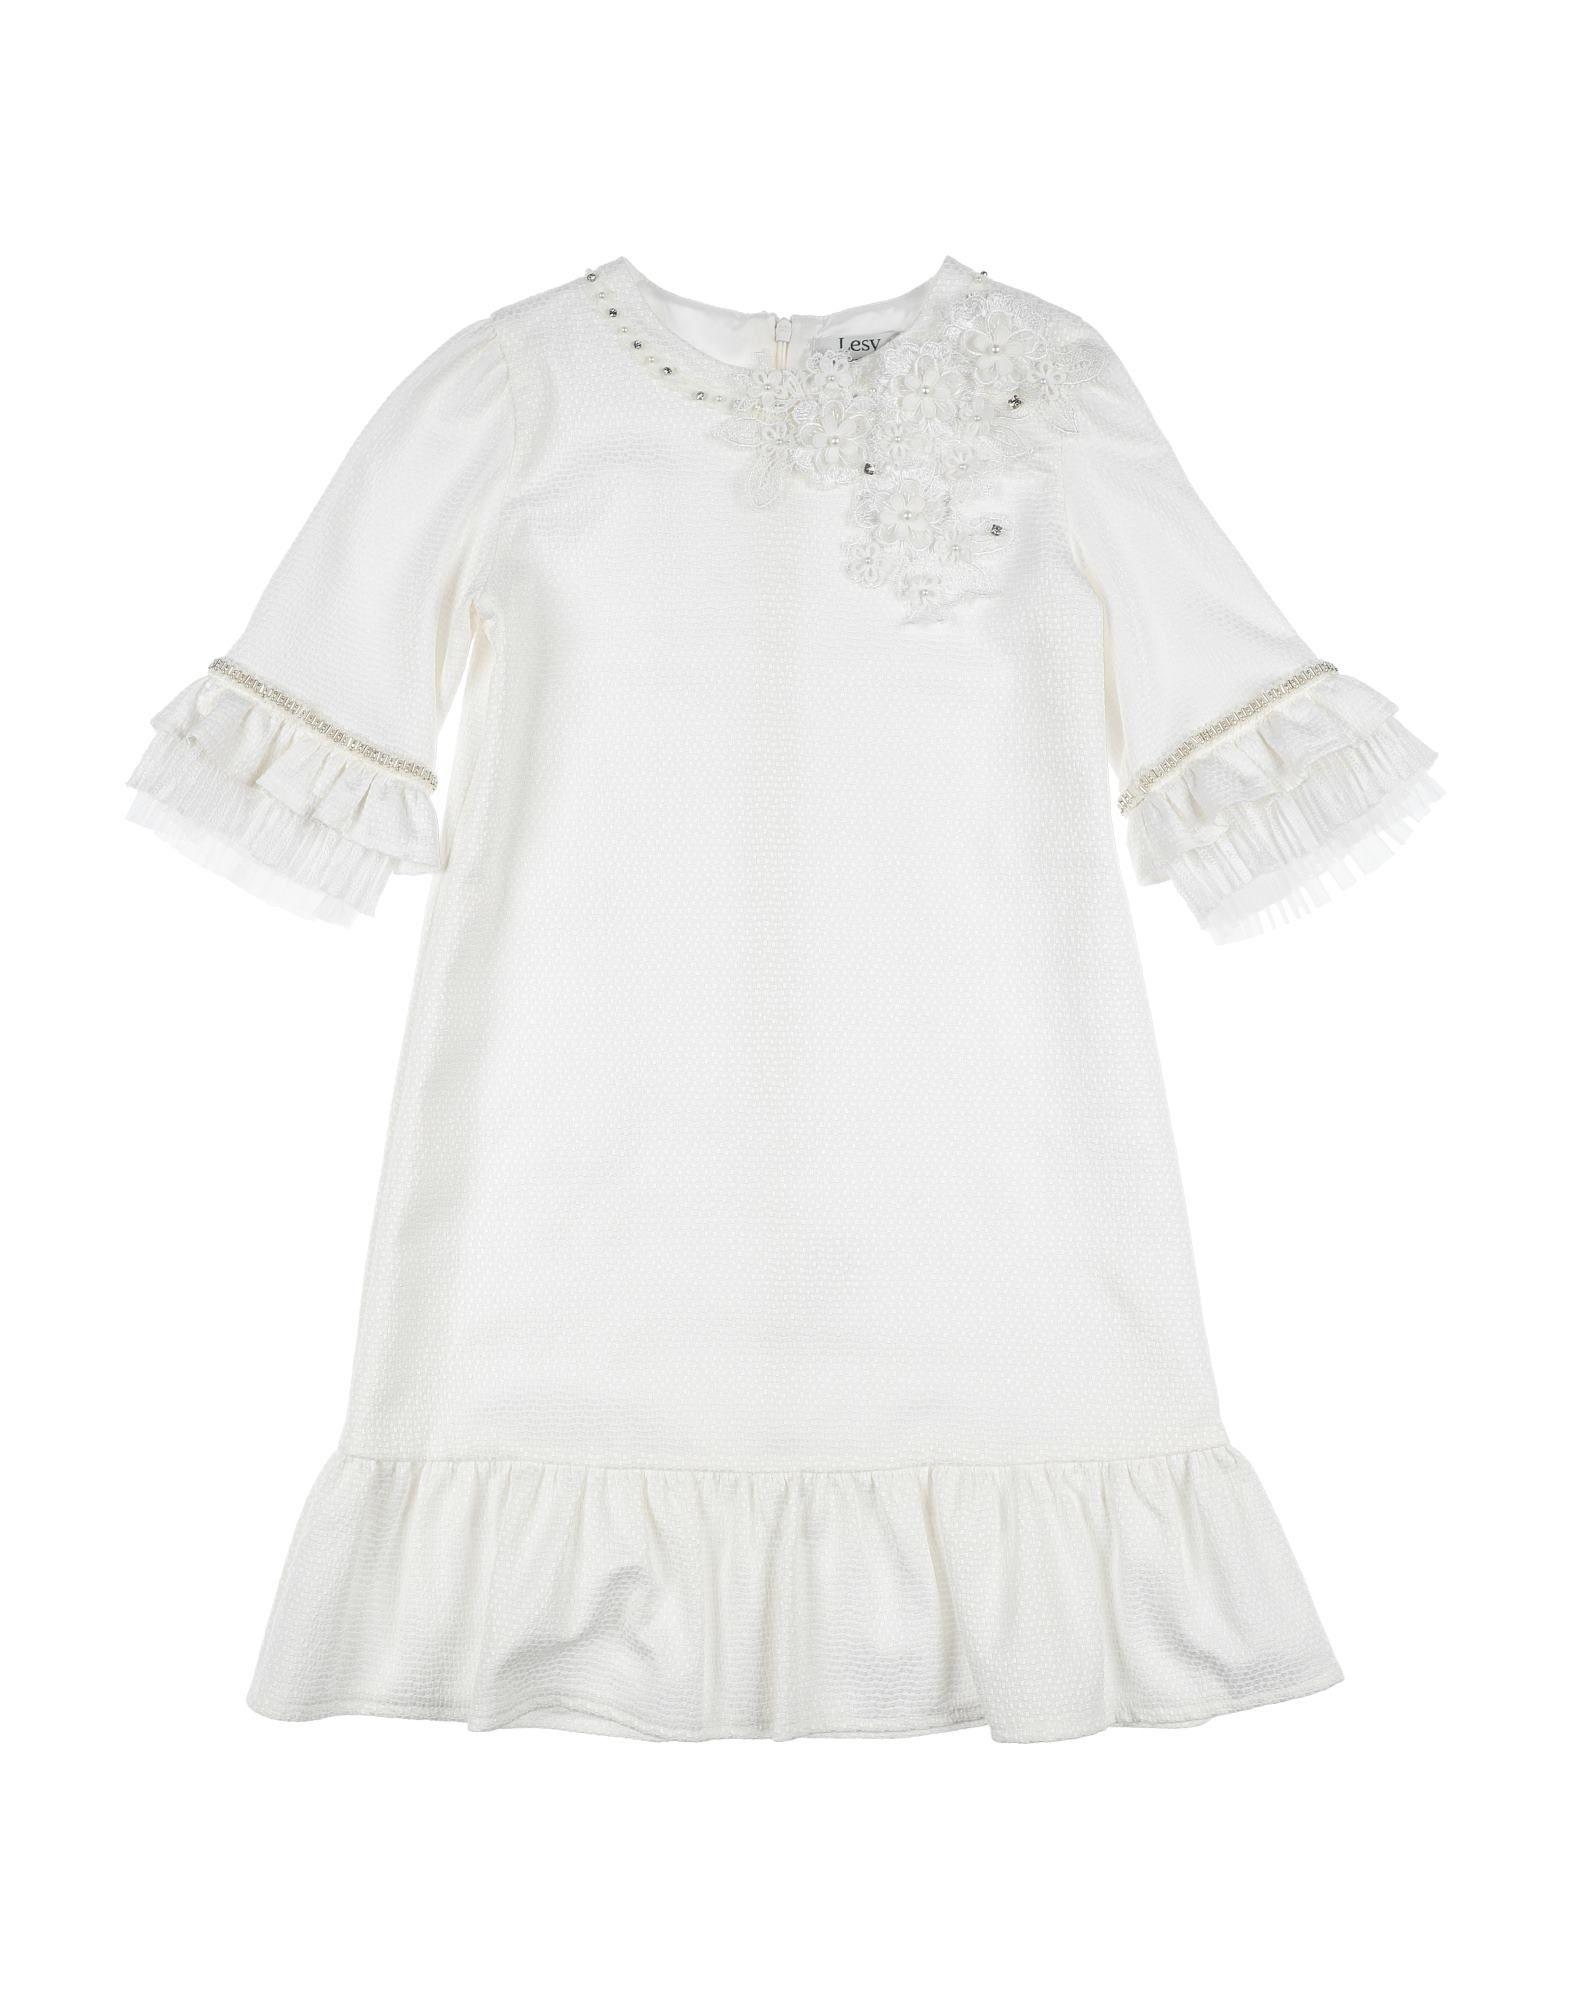 LESY Dresses - Item 15004828